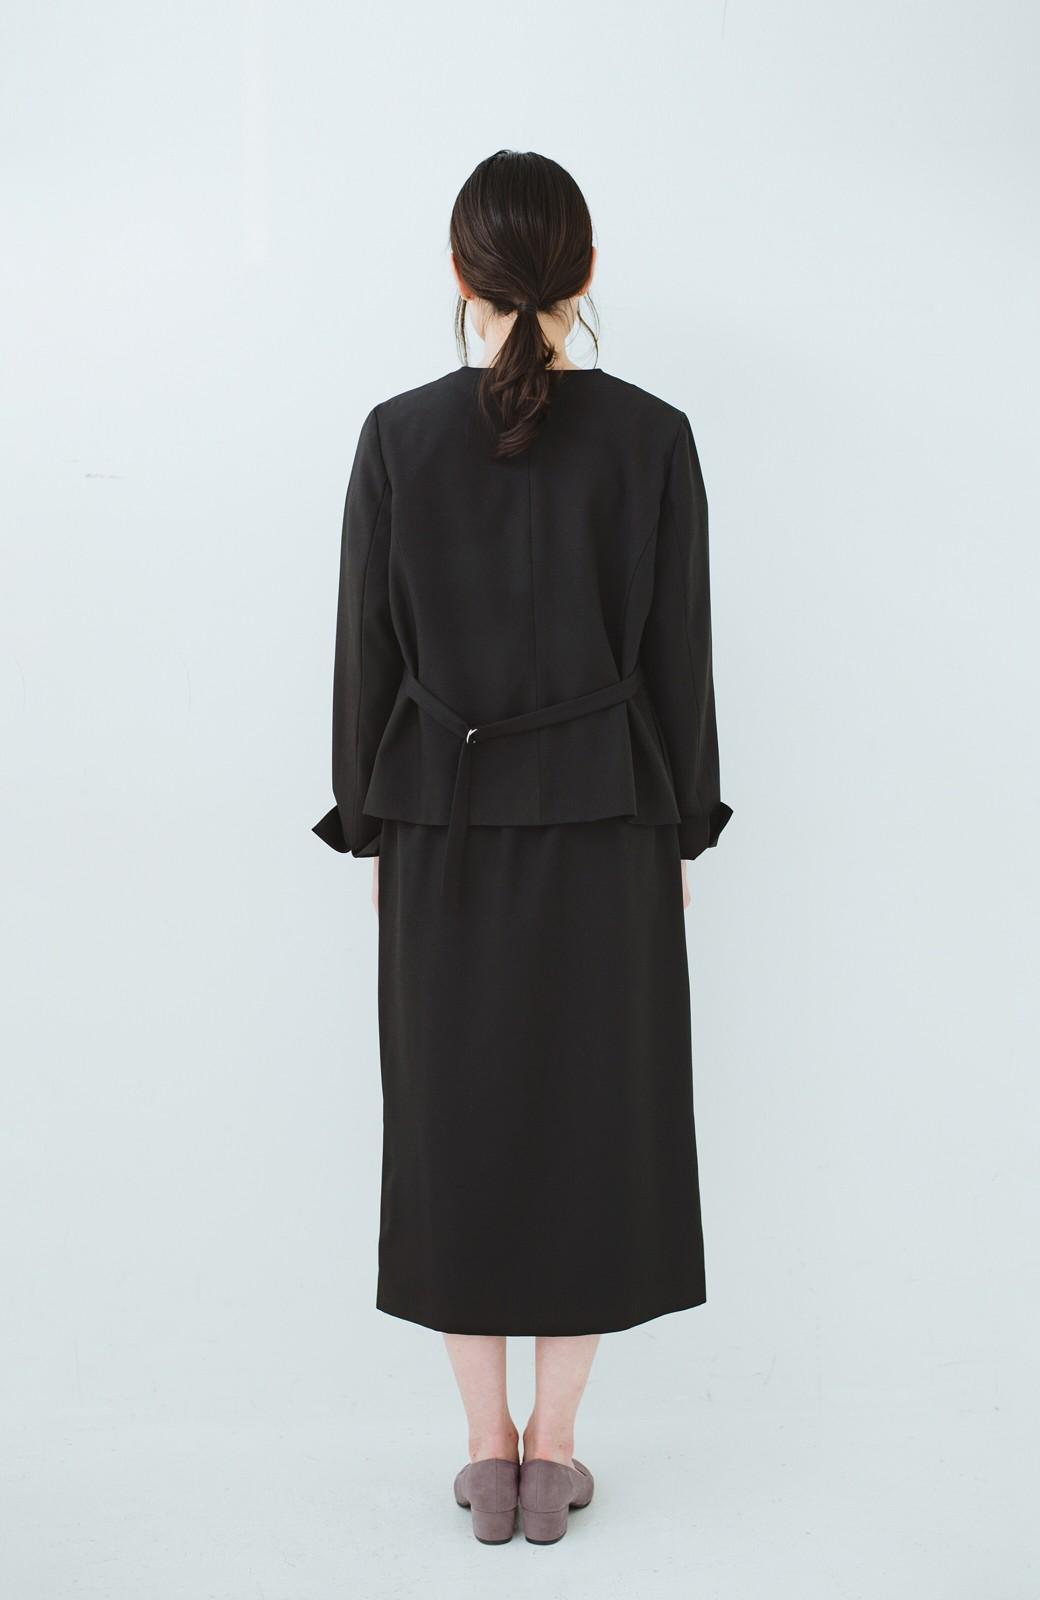 haco! 持っていると便利な野暮ったくならないフォーマルジャケット・スカートの2点セット <ブラック>の商品写真8